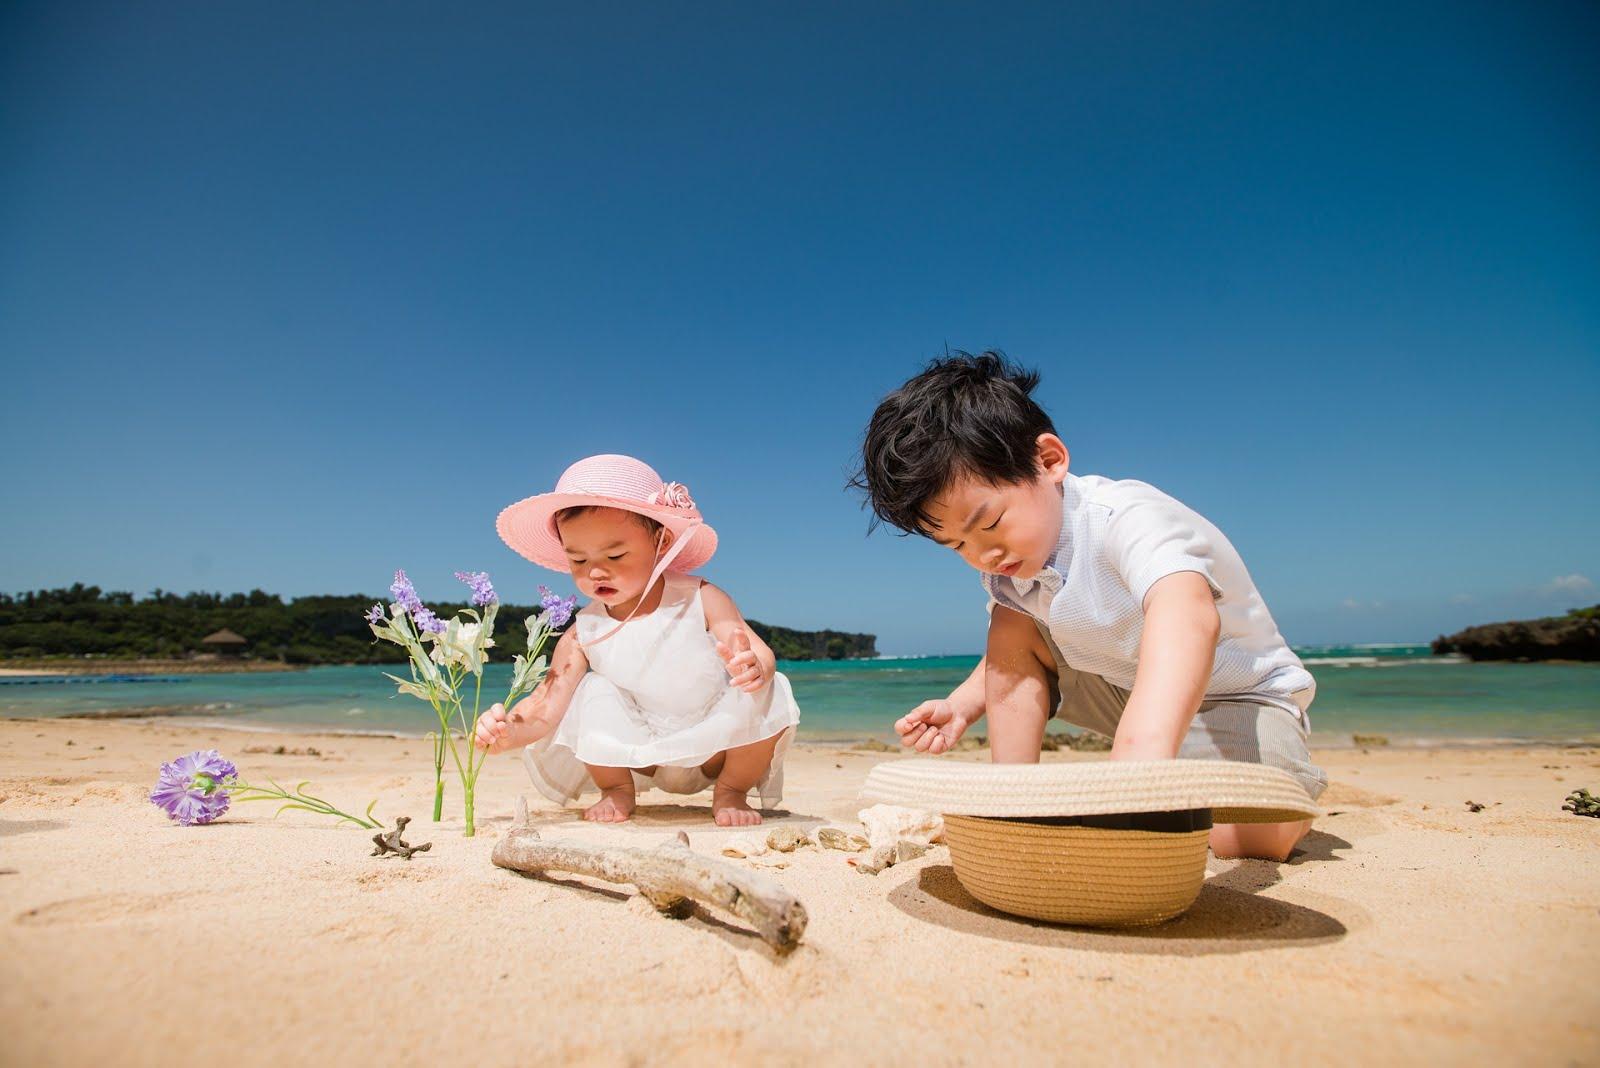 5 Tips Membuat Liburan Bersama Si Kecil Jadi Lebih Menyenangkan, Memilih lokasi wisata yang diinginkan anak, Deskripsikan lokasi wisata kepada anak